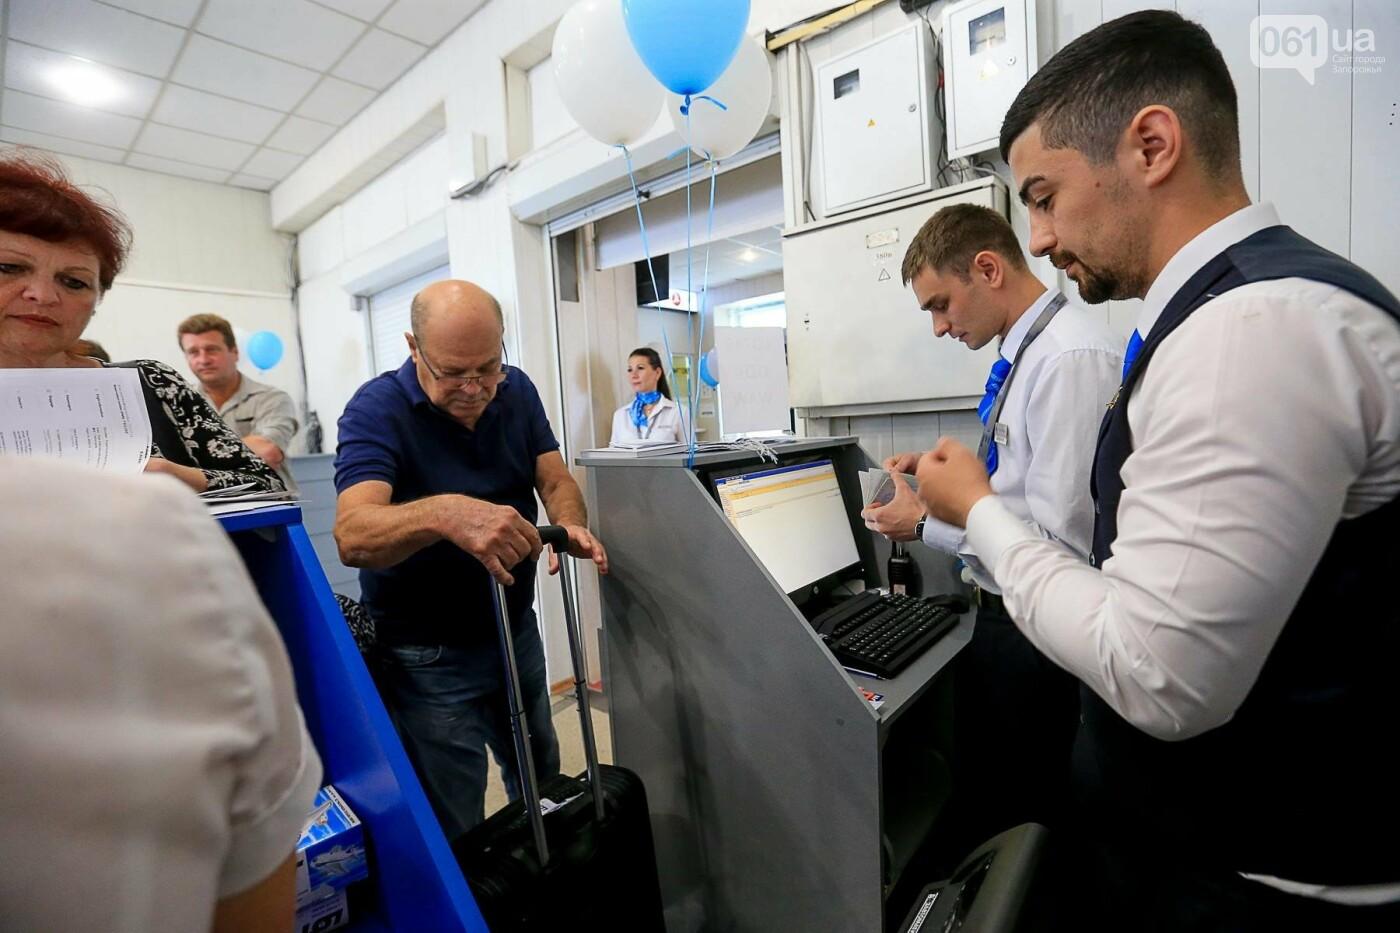 Торт, каравай и дождевая арка: открытие нового авиарейса Варшава-Запорожье в фотографиях, фото-4